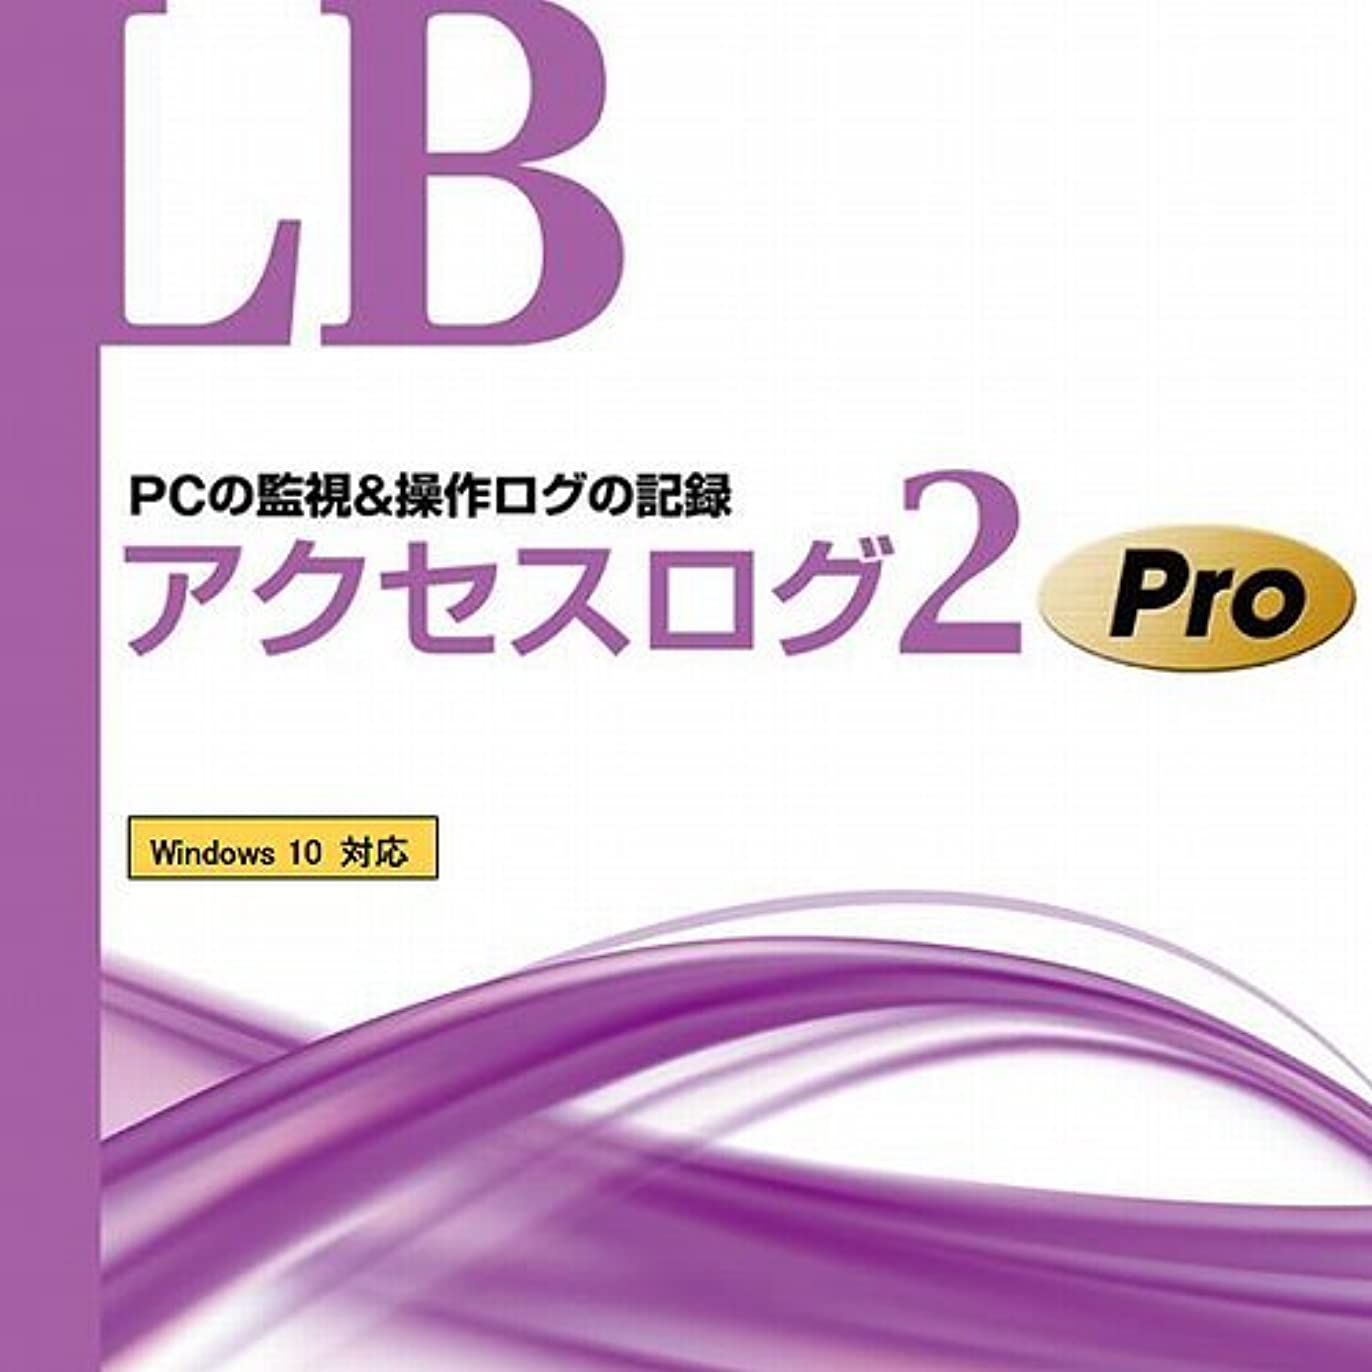 アンビエント危機冷えるLB アクセスログ2 Pro [ダウンロード]